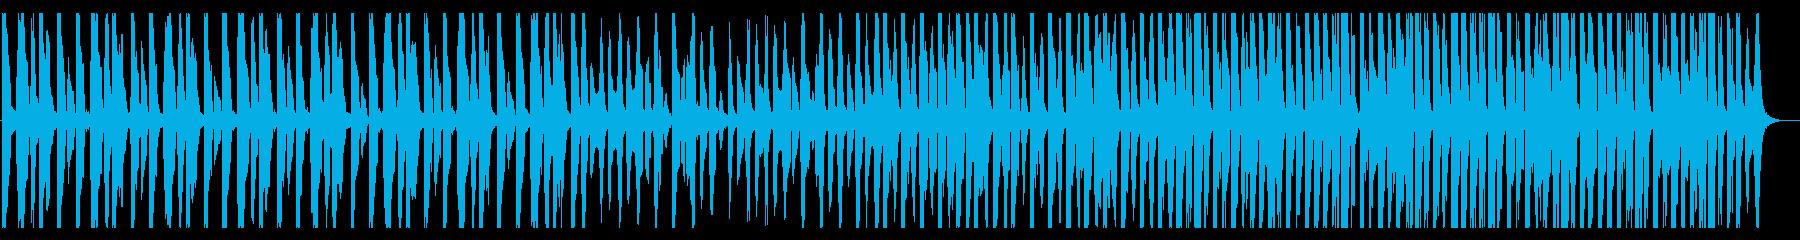 コミカル/かわいい/ハウスNo432_3の再生済みの波形